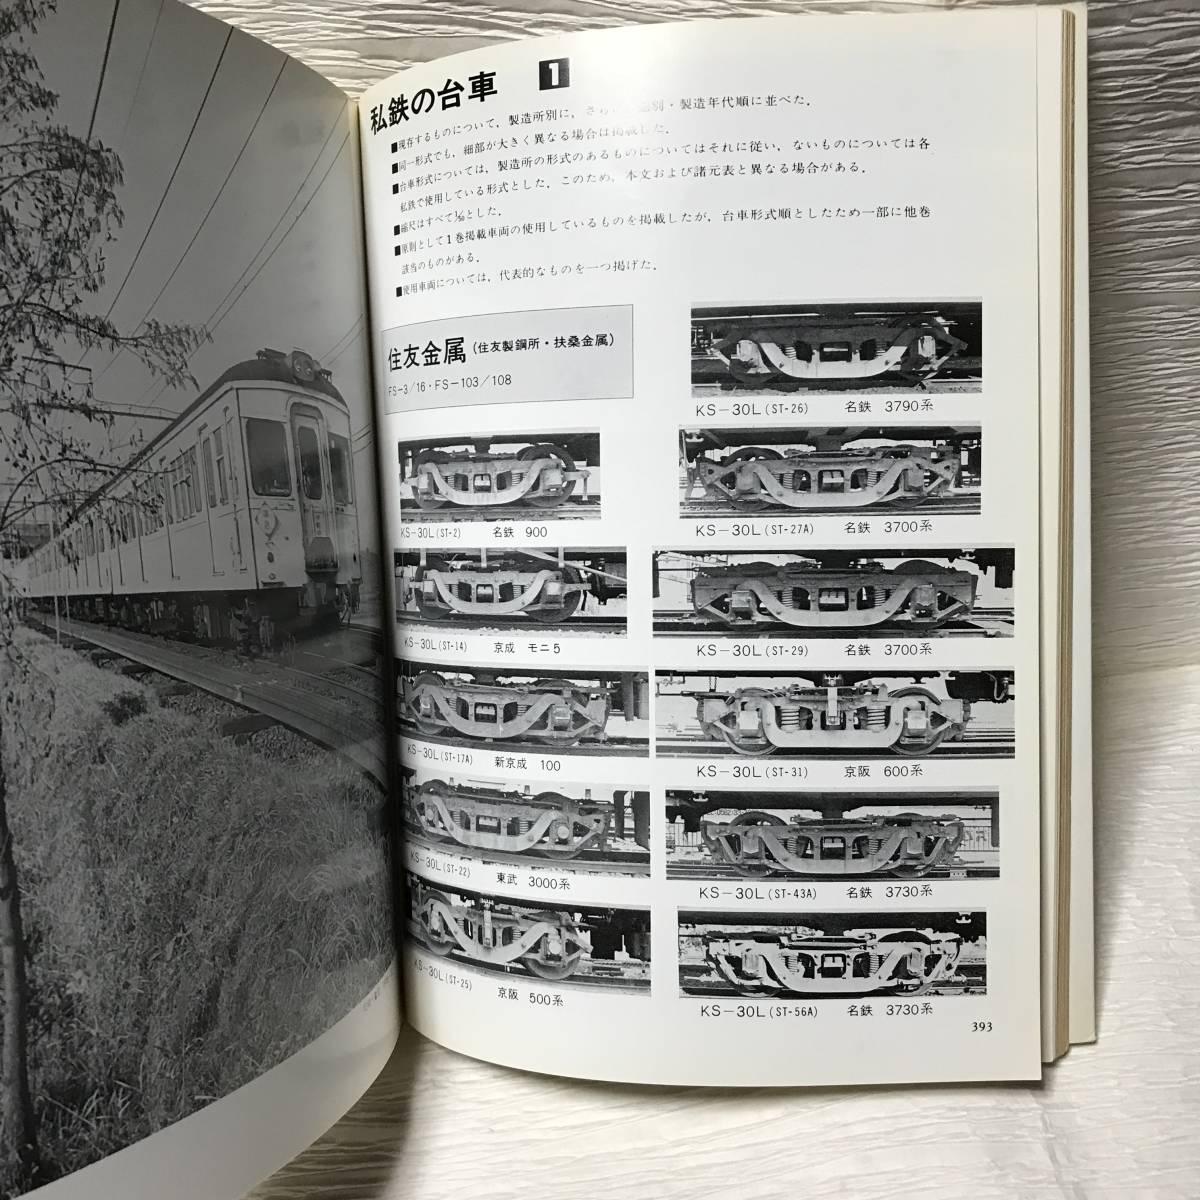 私鉄電車のアルバム 1B 戦前・戦後の古豪 慶応義塾大学鉄道研究会_画像3